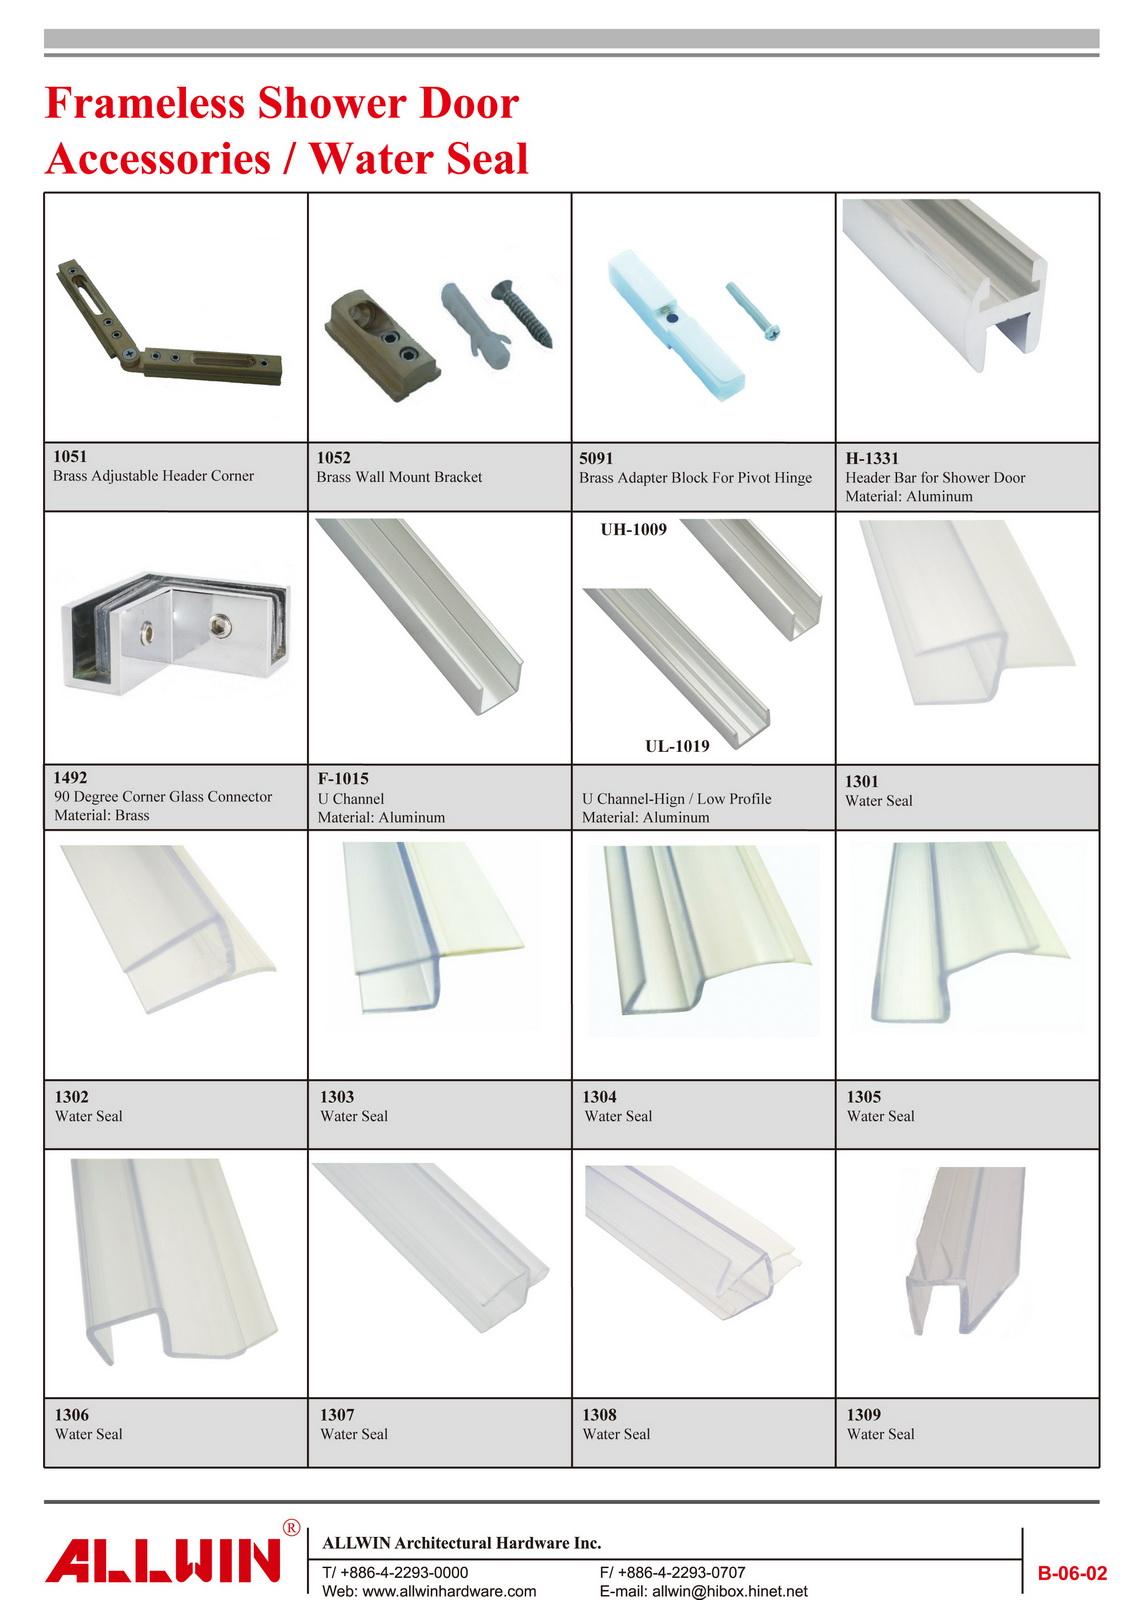 Waterproof PVC Bathroom Shower Glass Door Strip Magnetic Door Wipes and Water Seals